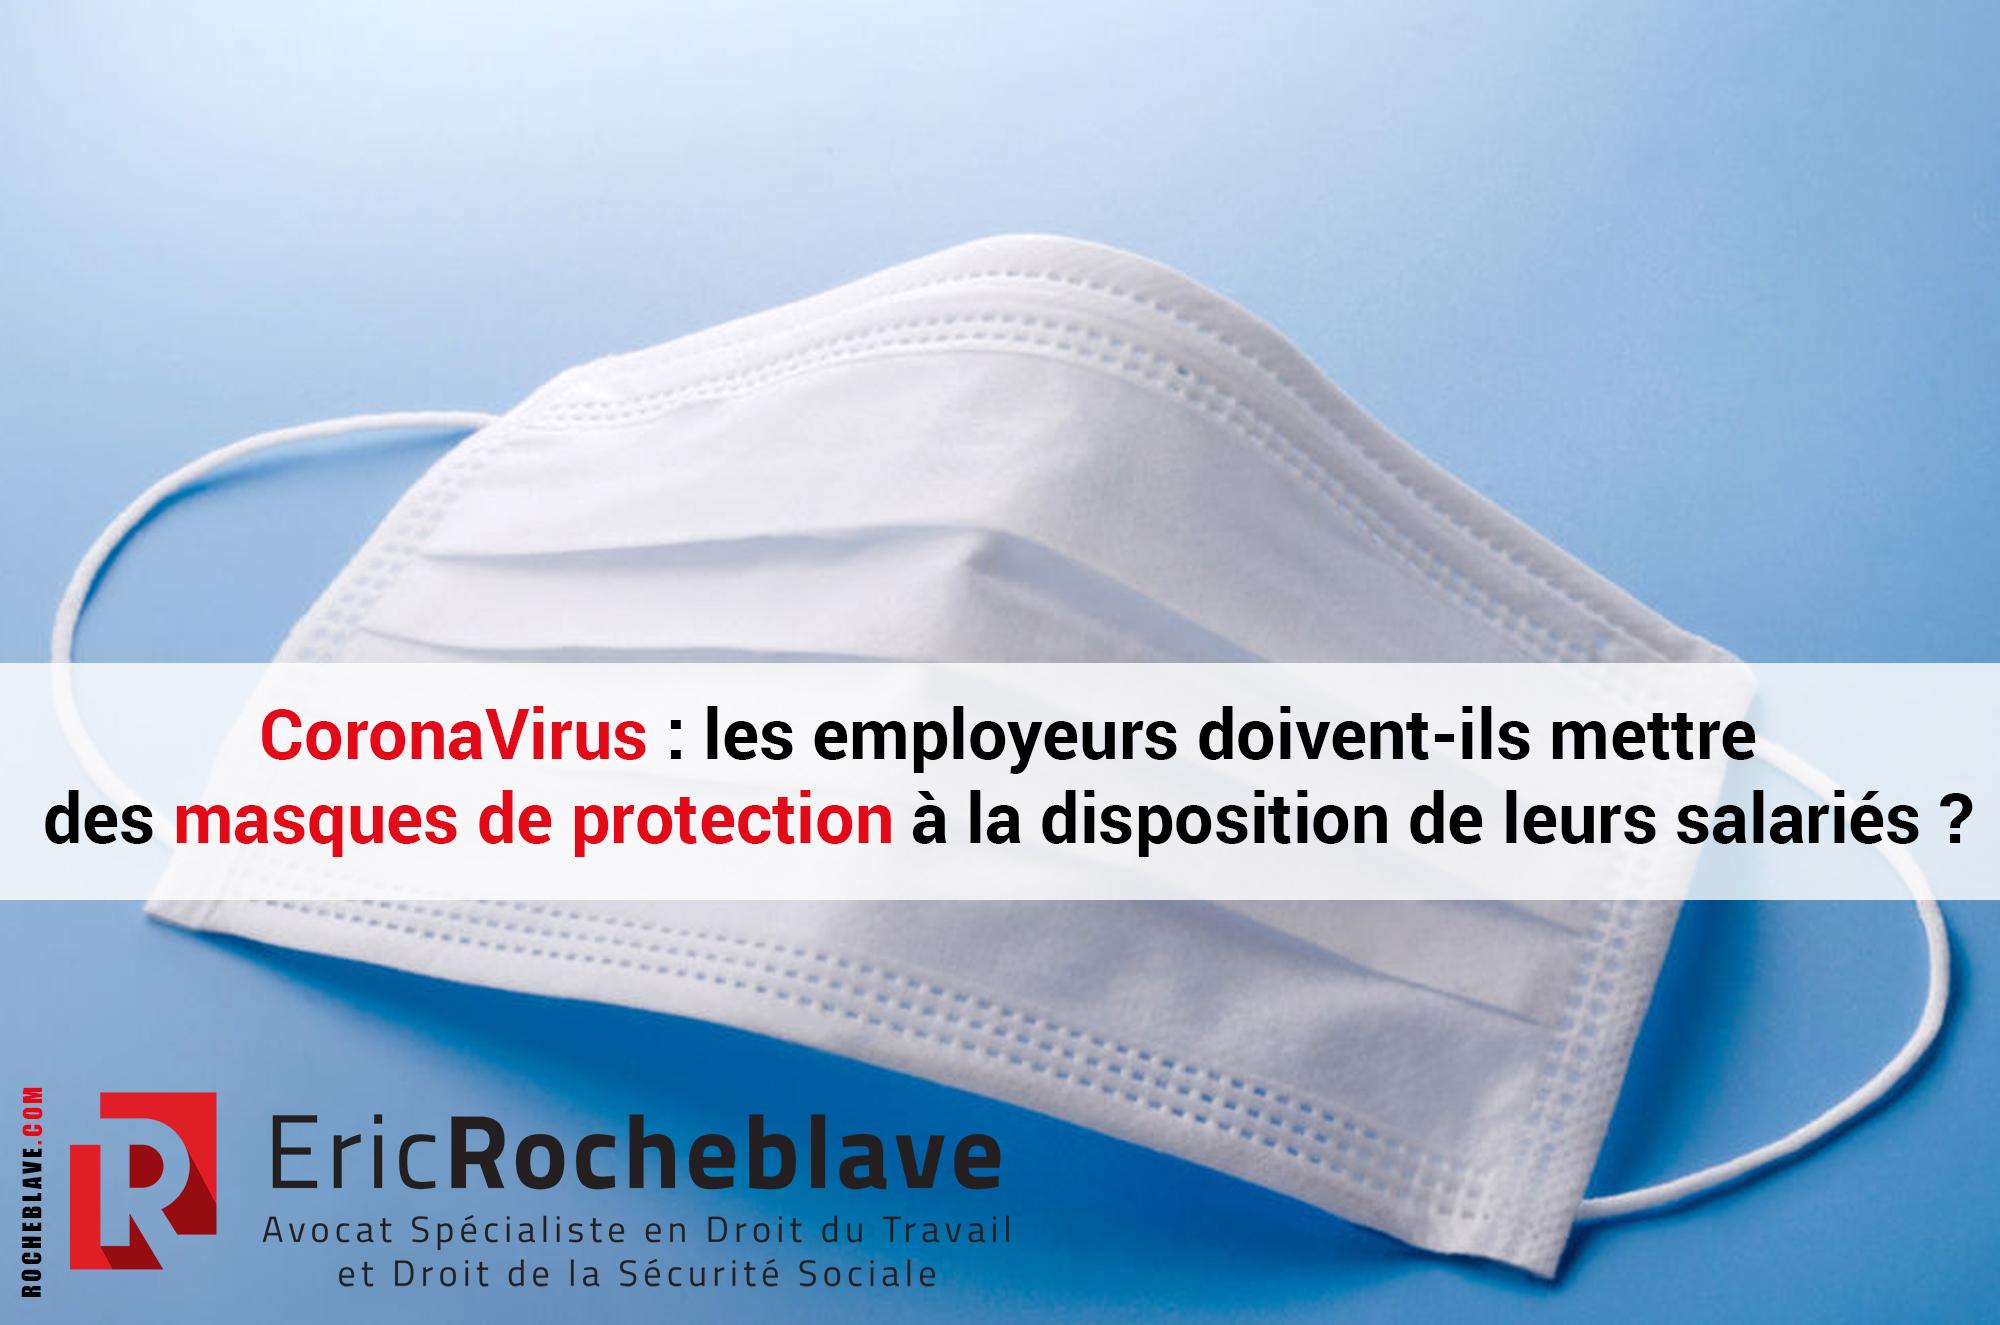 CoronaVirus : les employeurs doivent-ils mettre des masques de protection à la disposition de leurs salariés ?